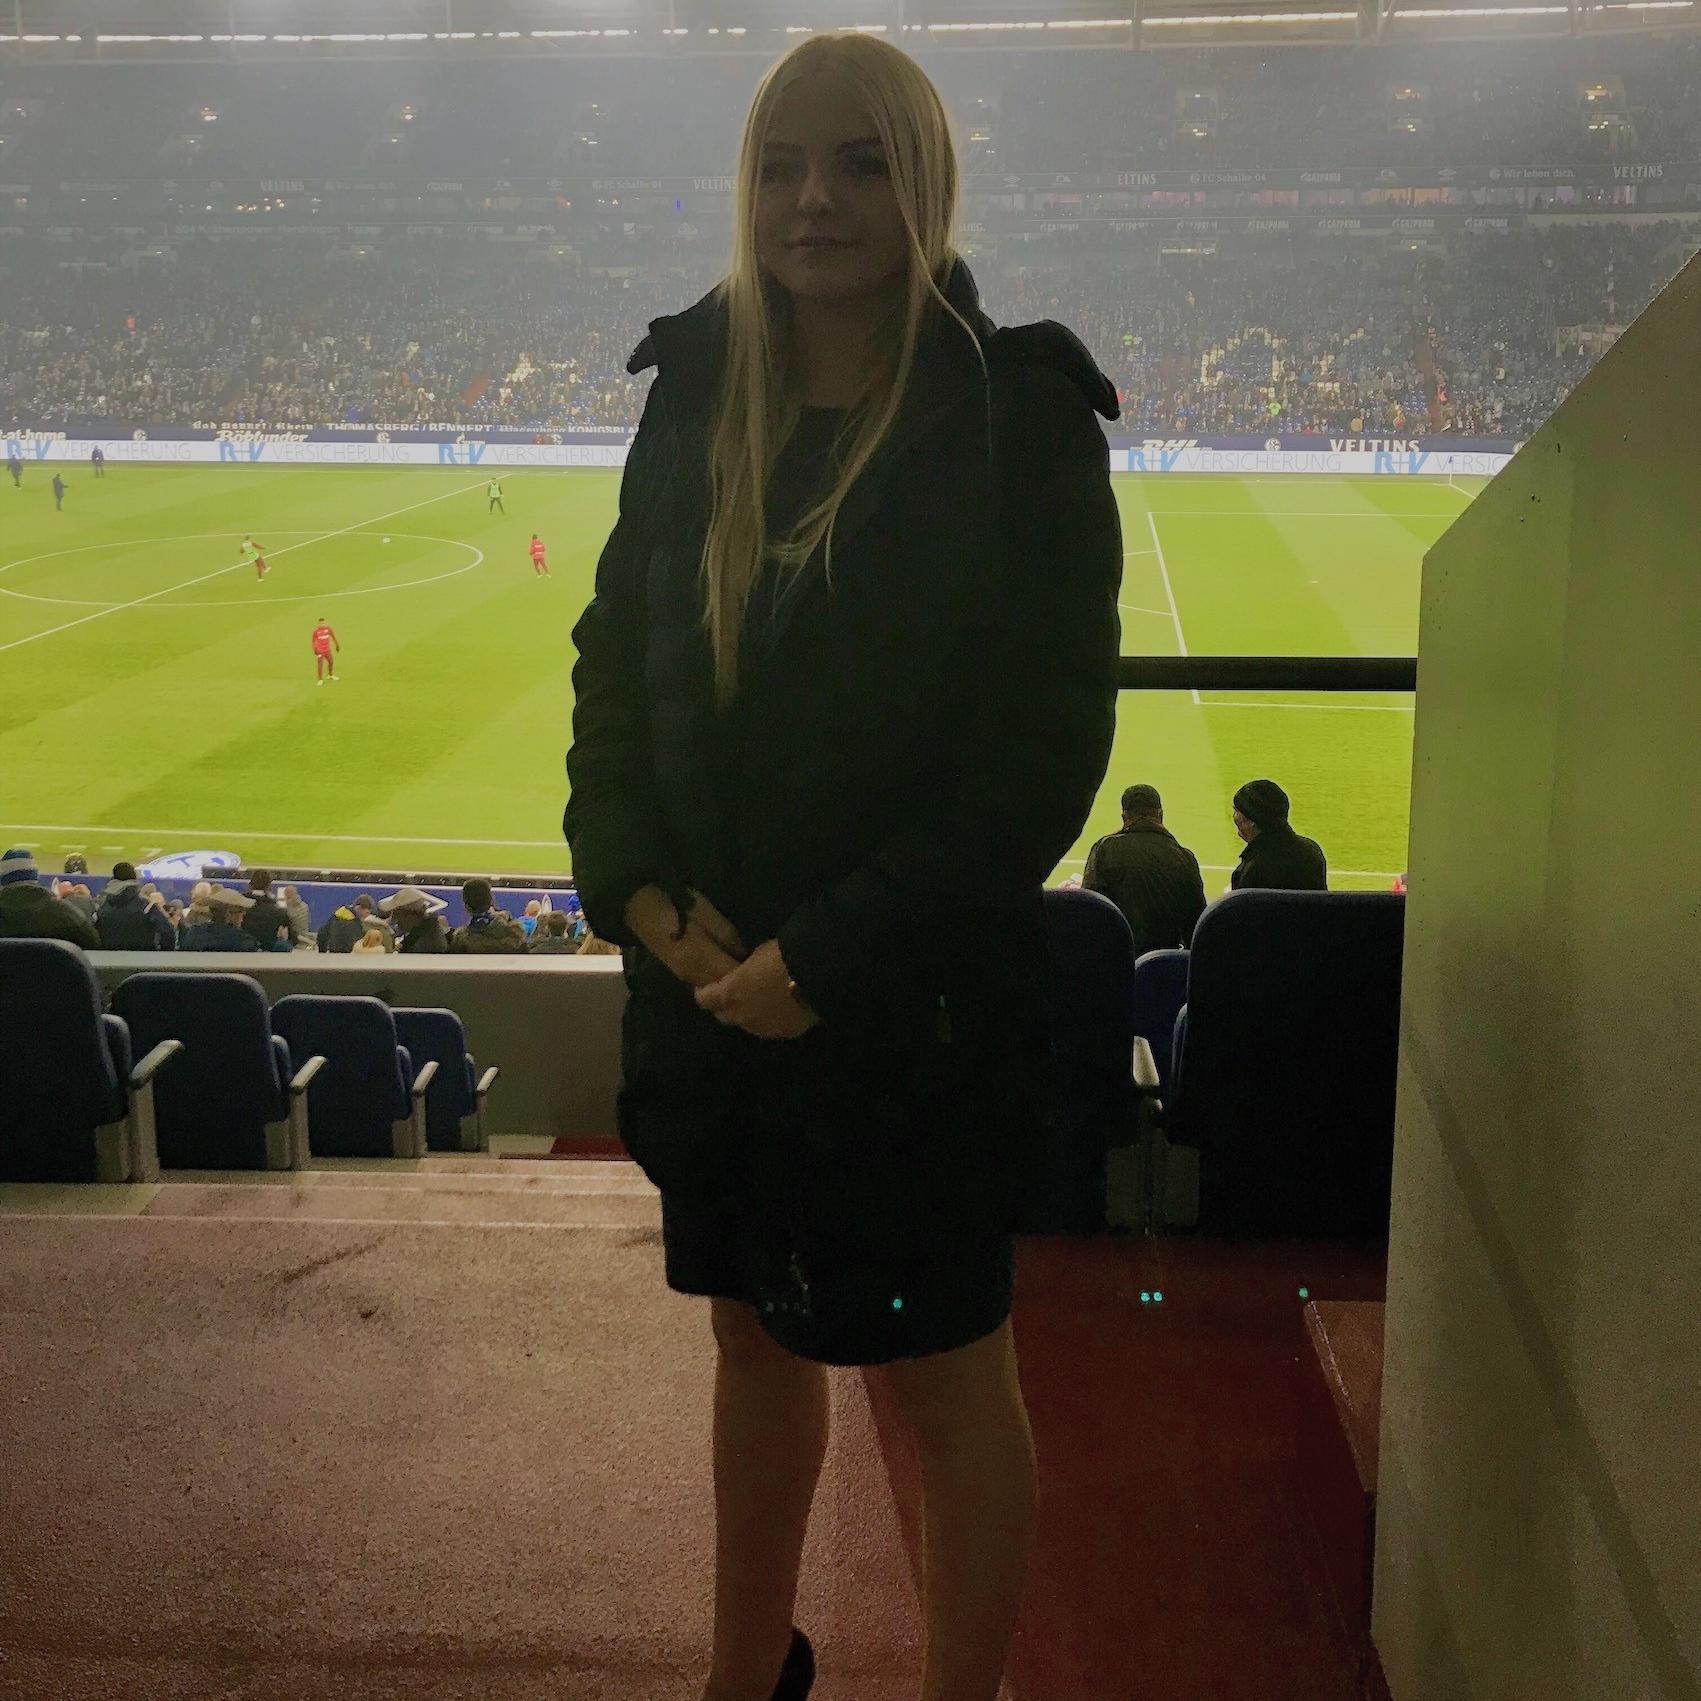 Sarah gelsenkirchen club Dortmund prostitution